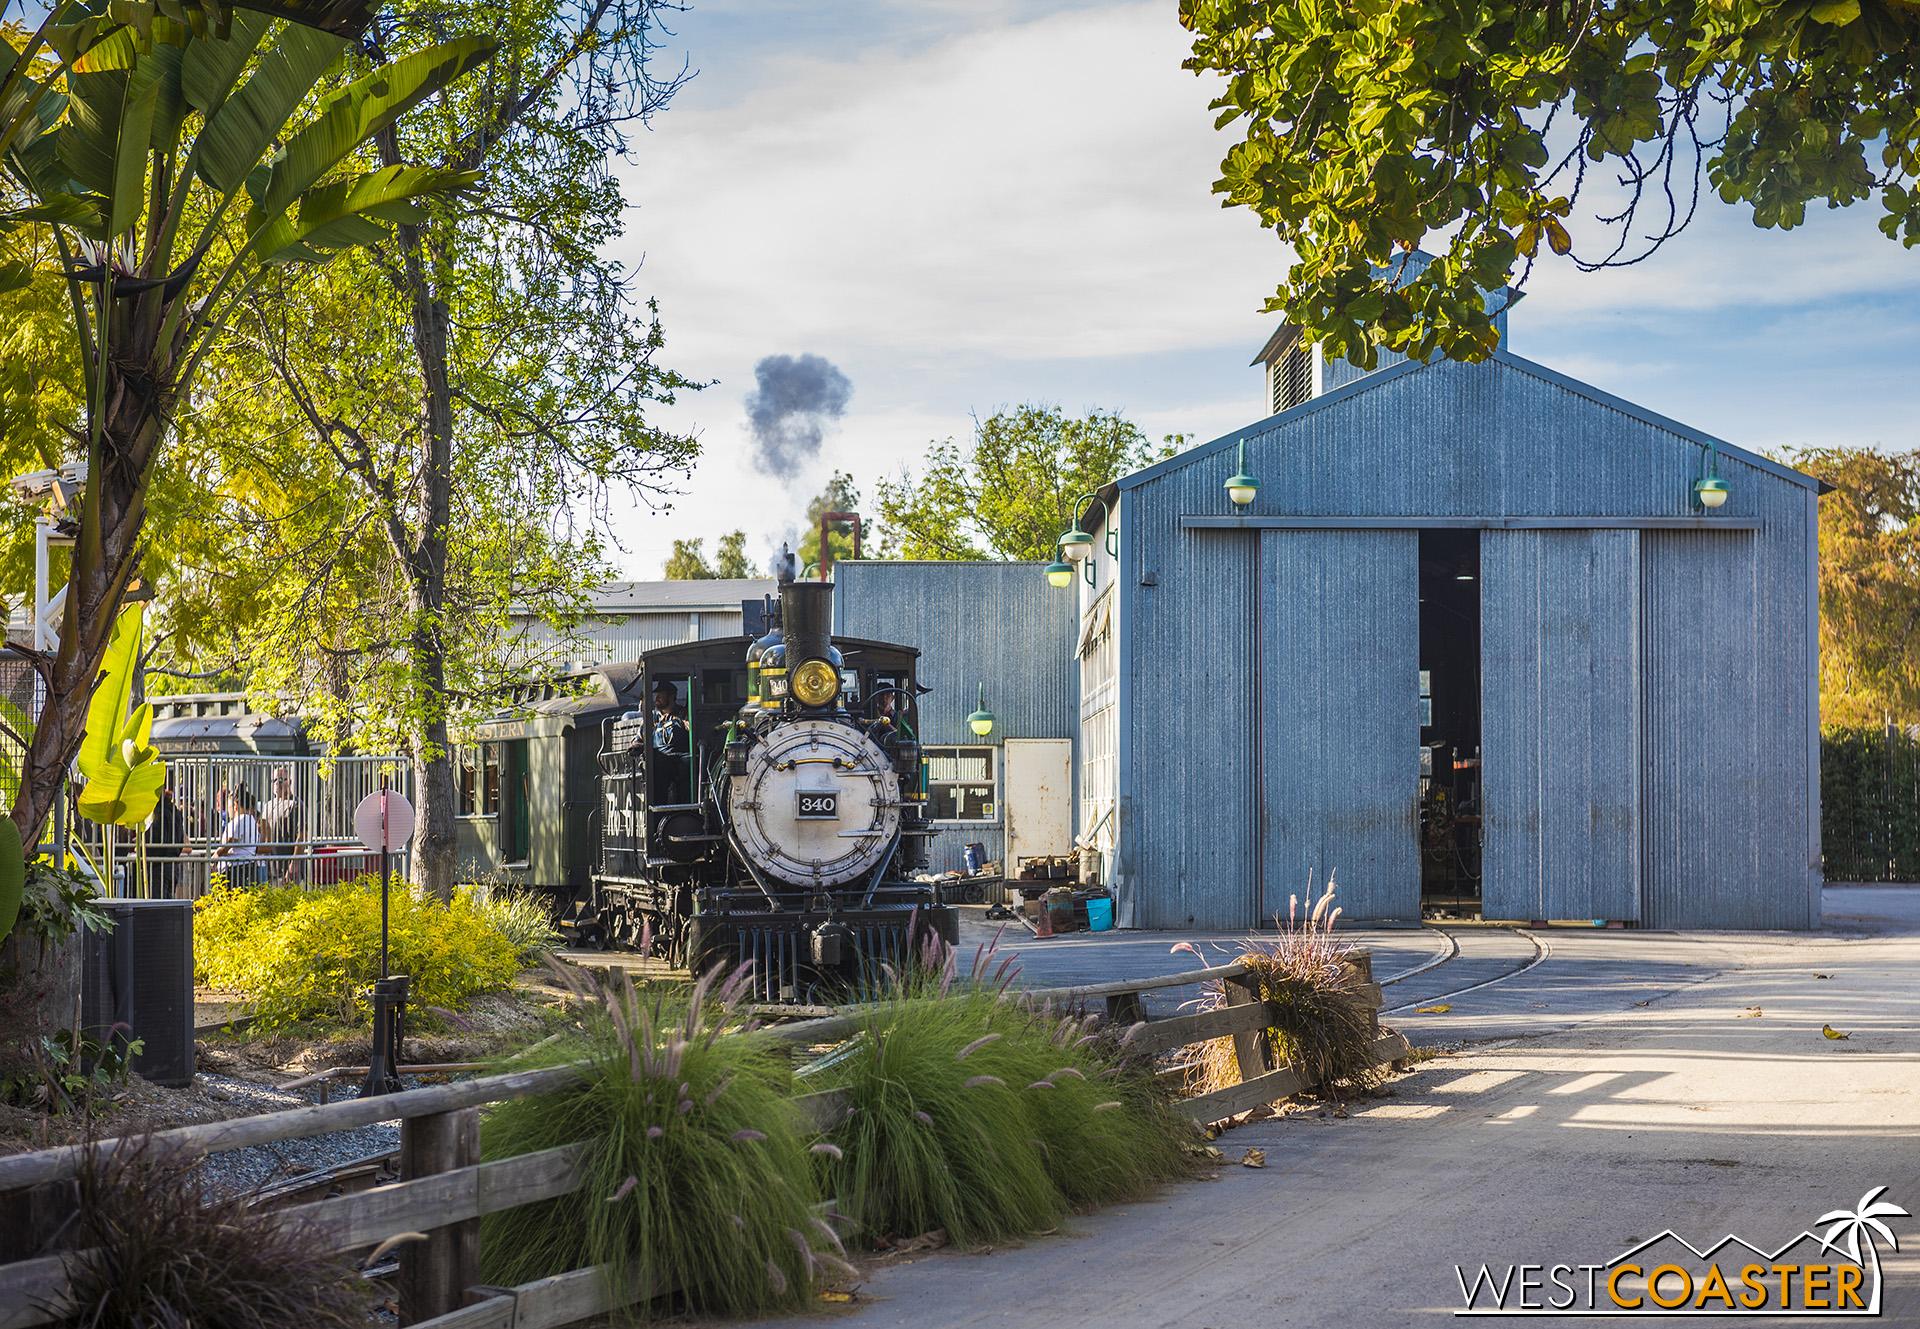 The Calico Railroad train chugs around the corner of Supreme Scream.